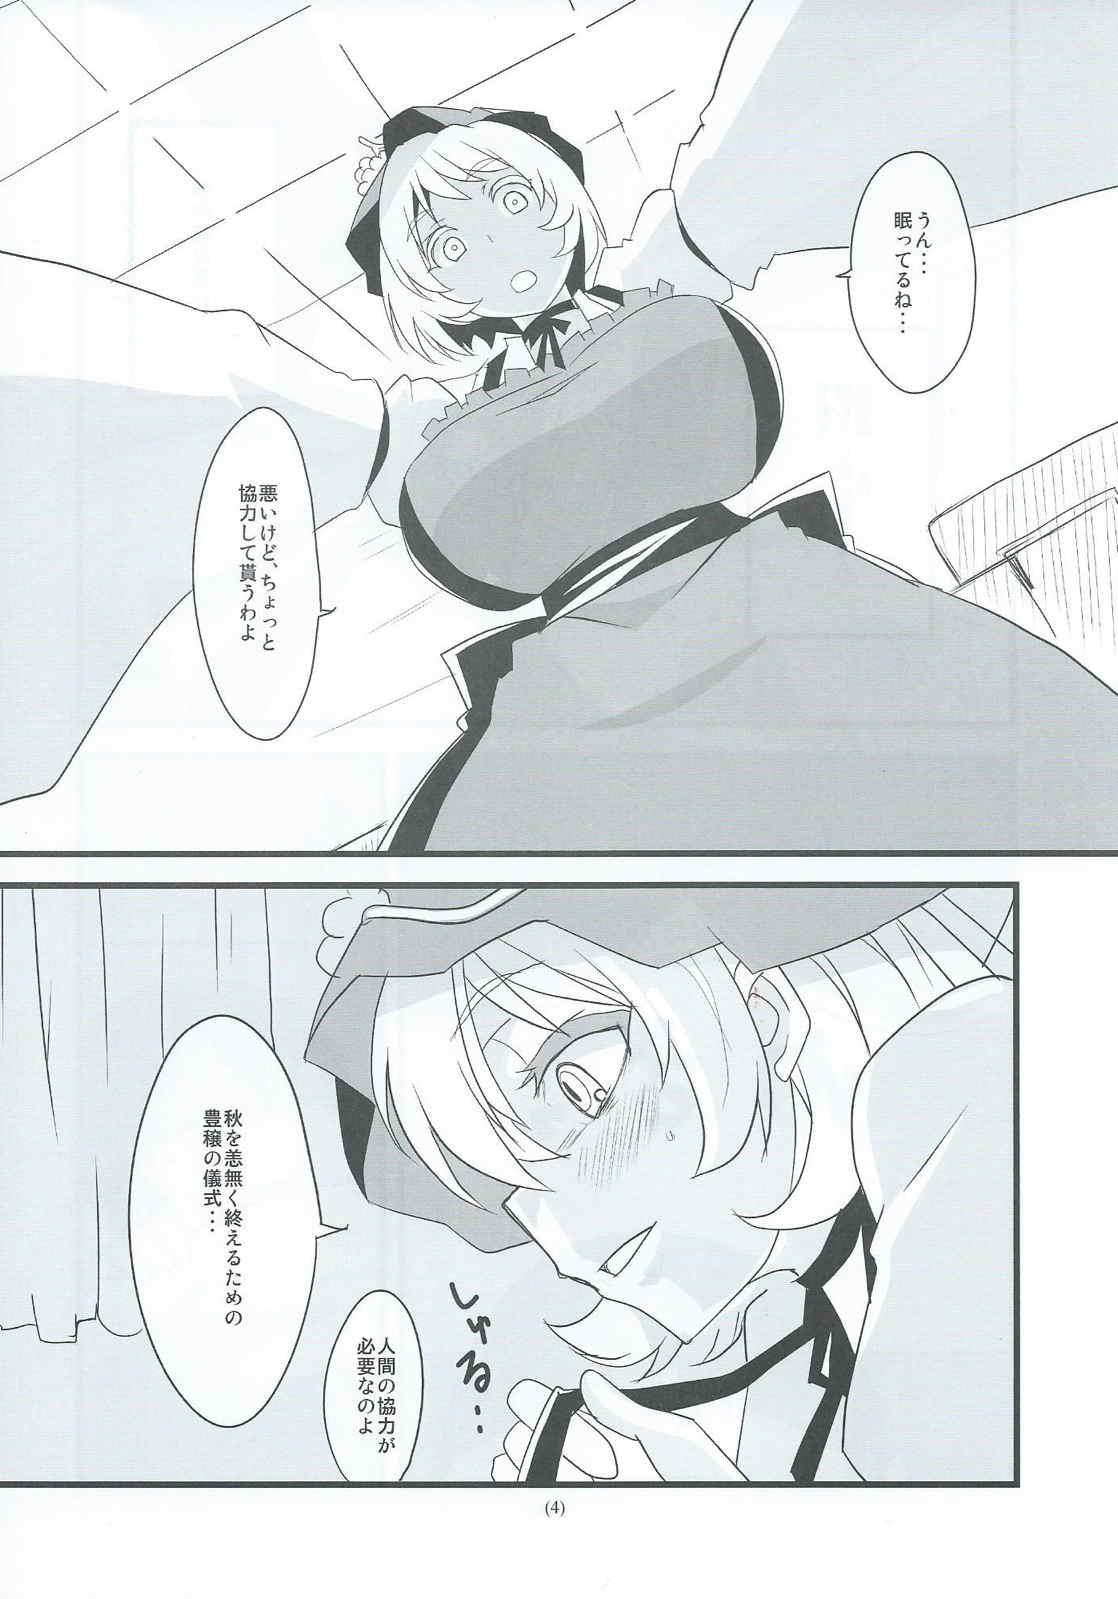 Aki Chichi Harverster 4